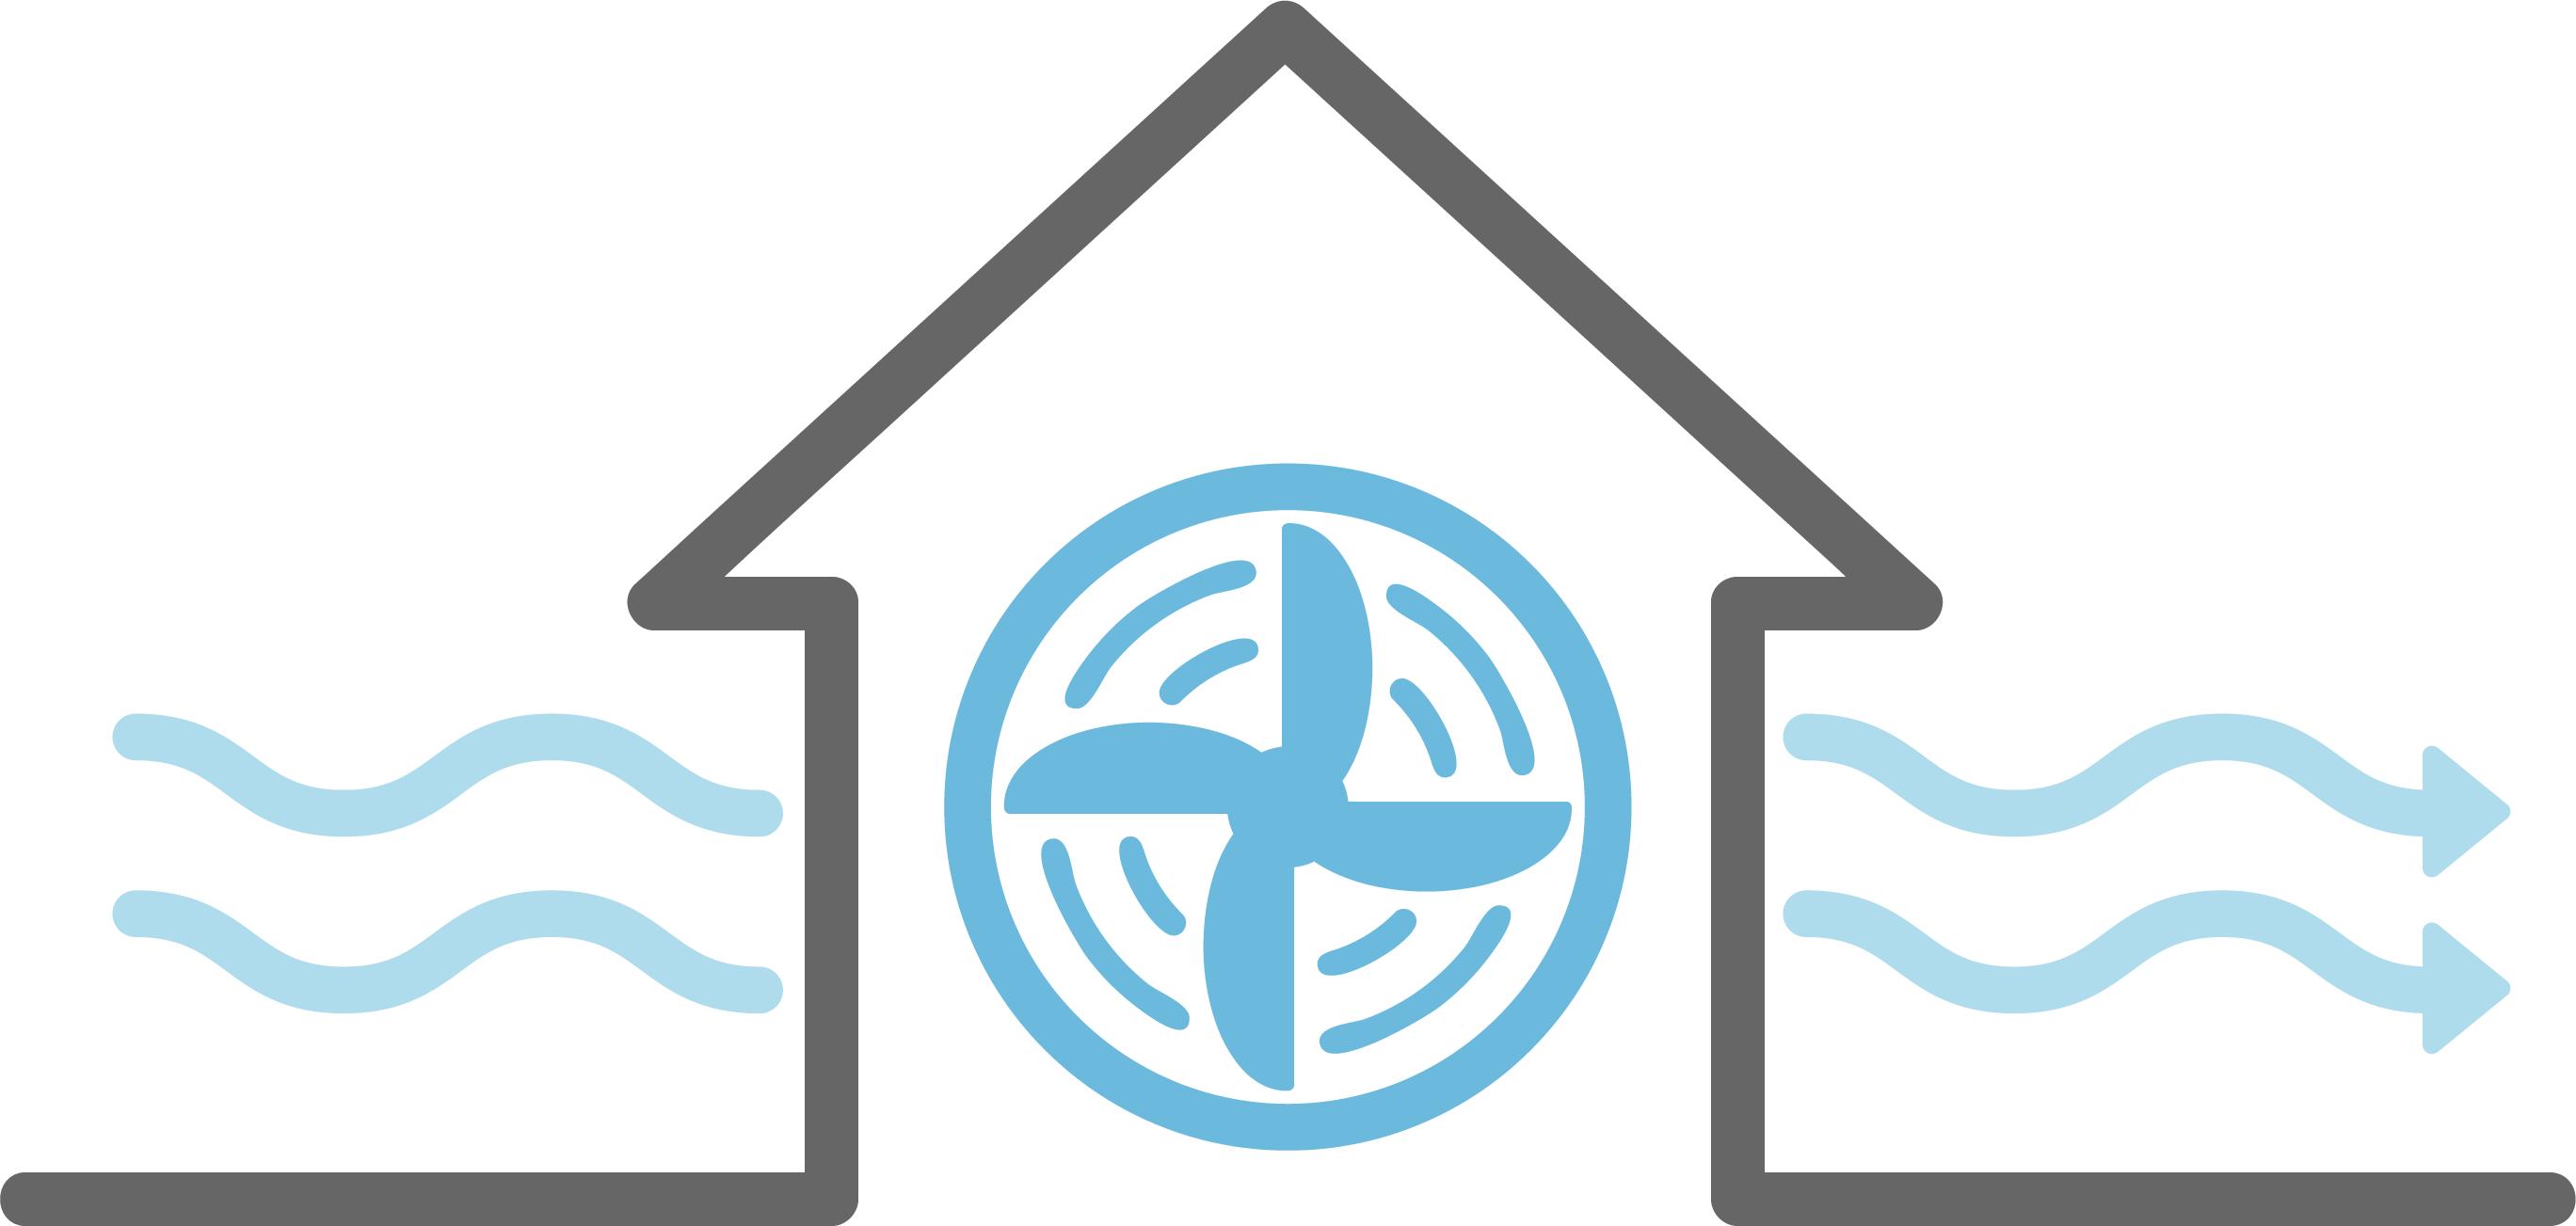 住宅に「24時間換気システム」が必要な理由とは?その種類や選び方を徹底解説